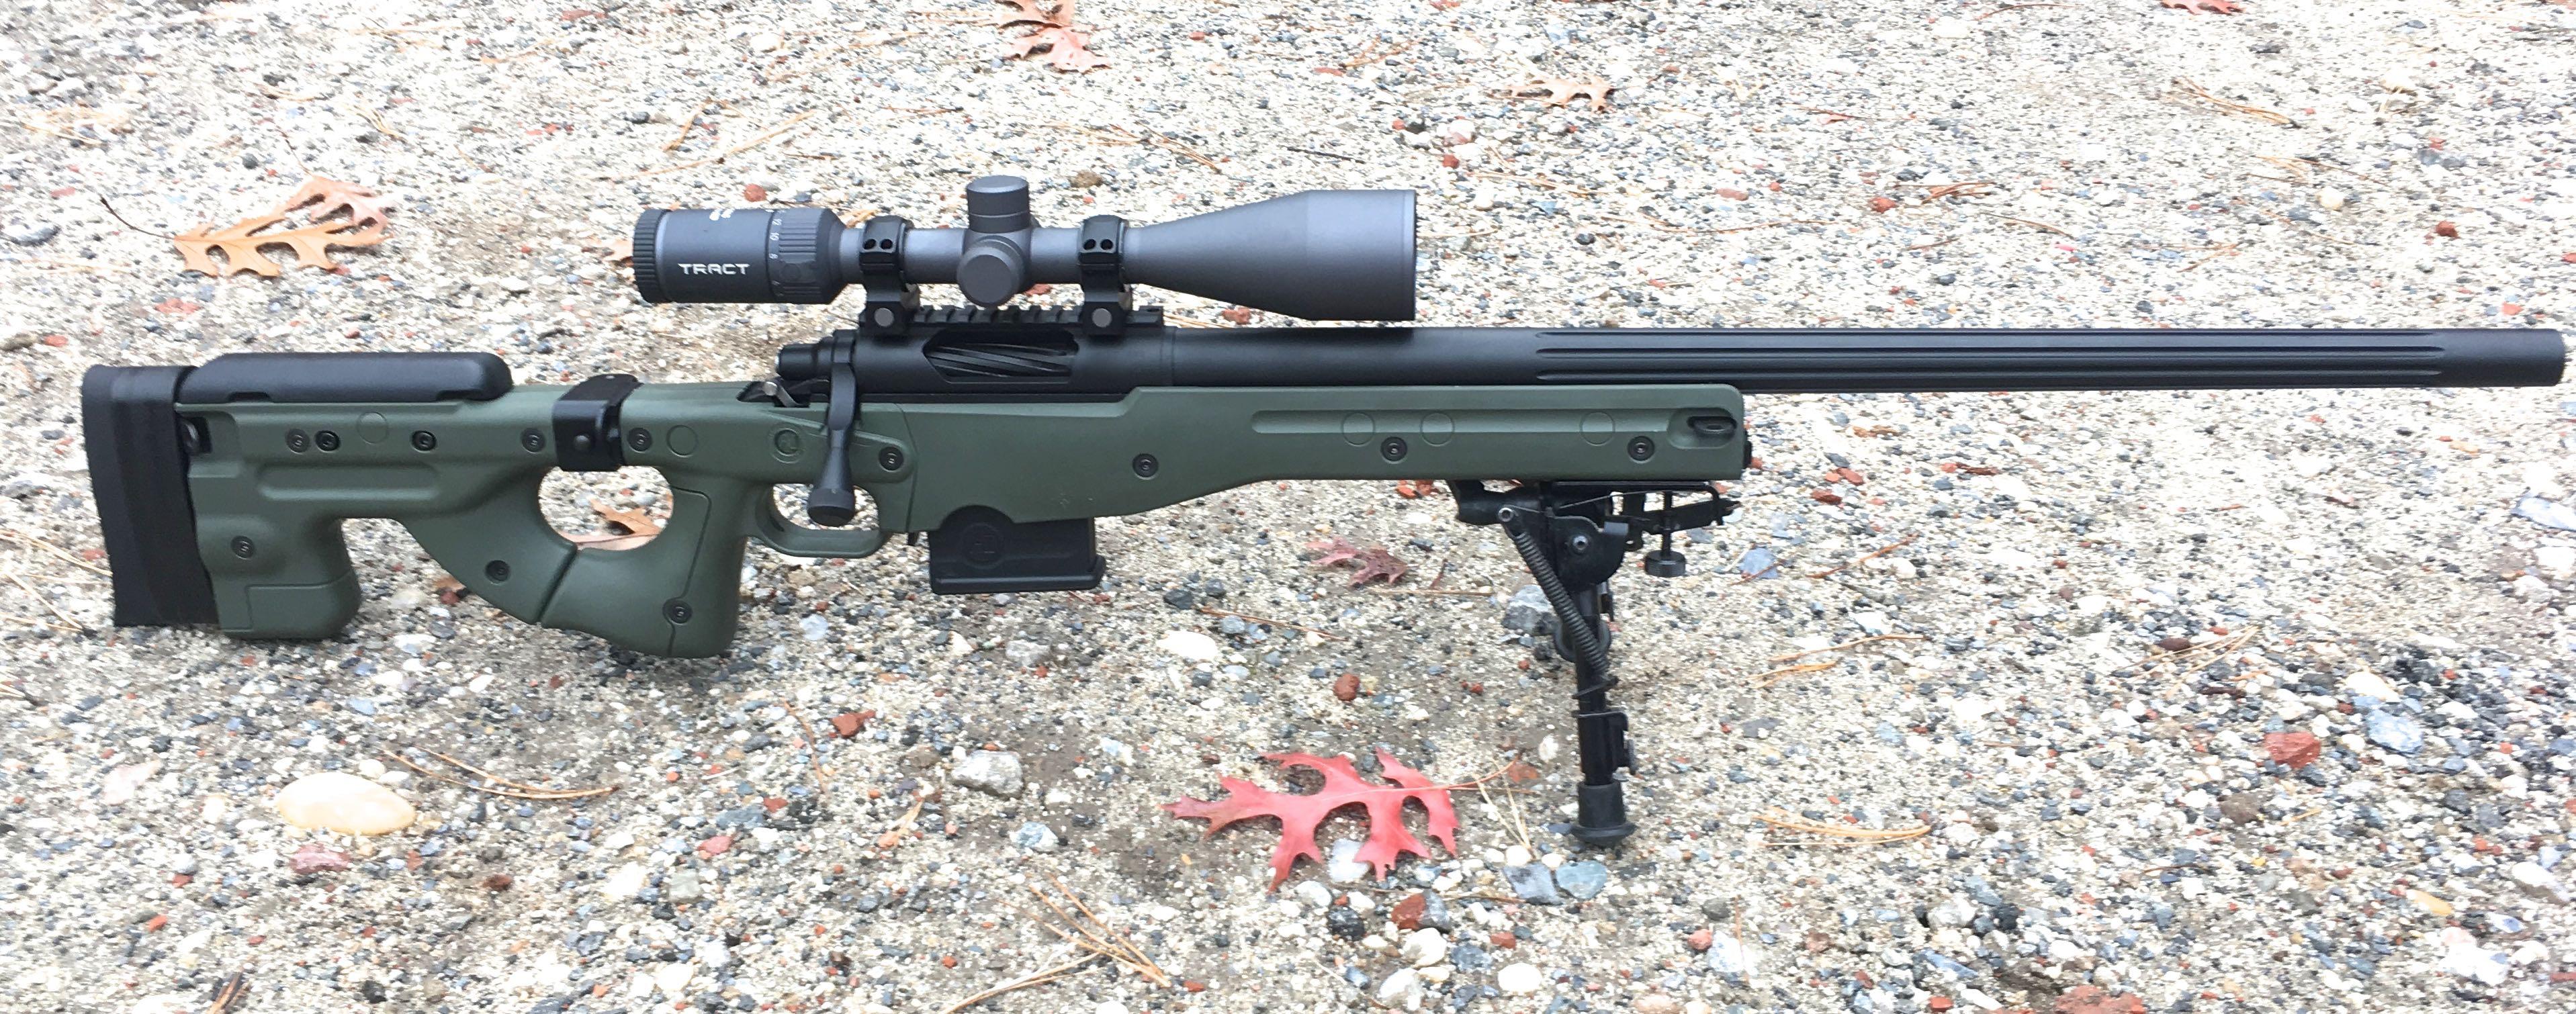 223ai-rifle-ai-stock-tract-scope-bartlein-barrel